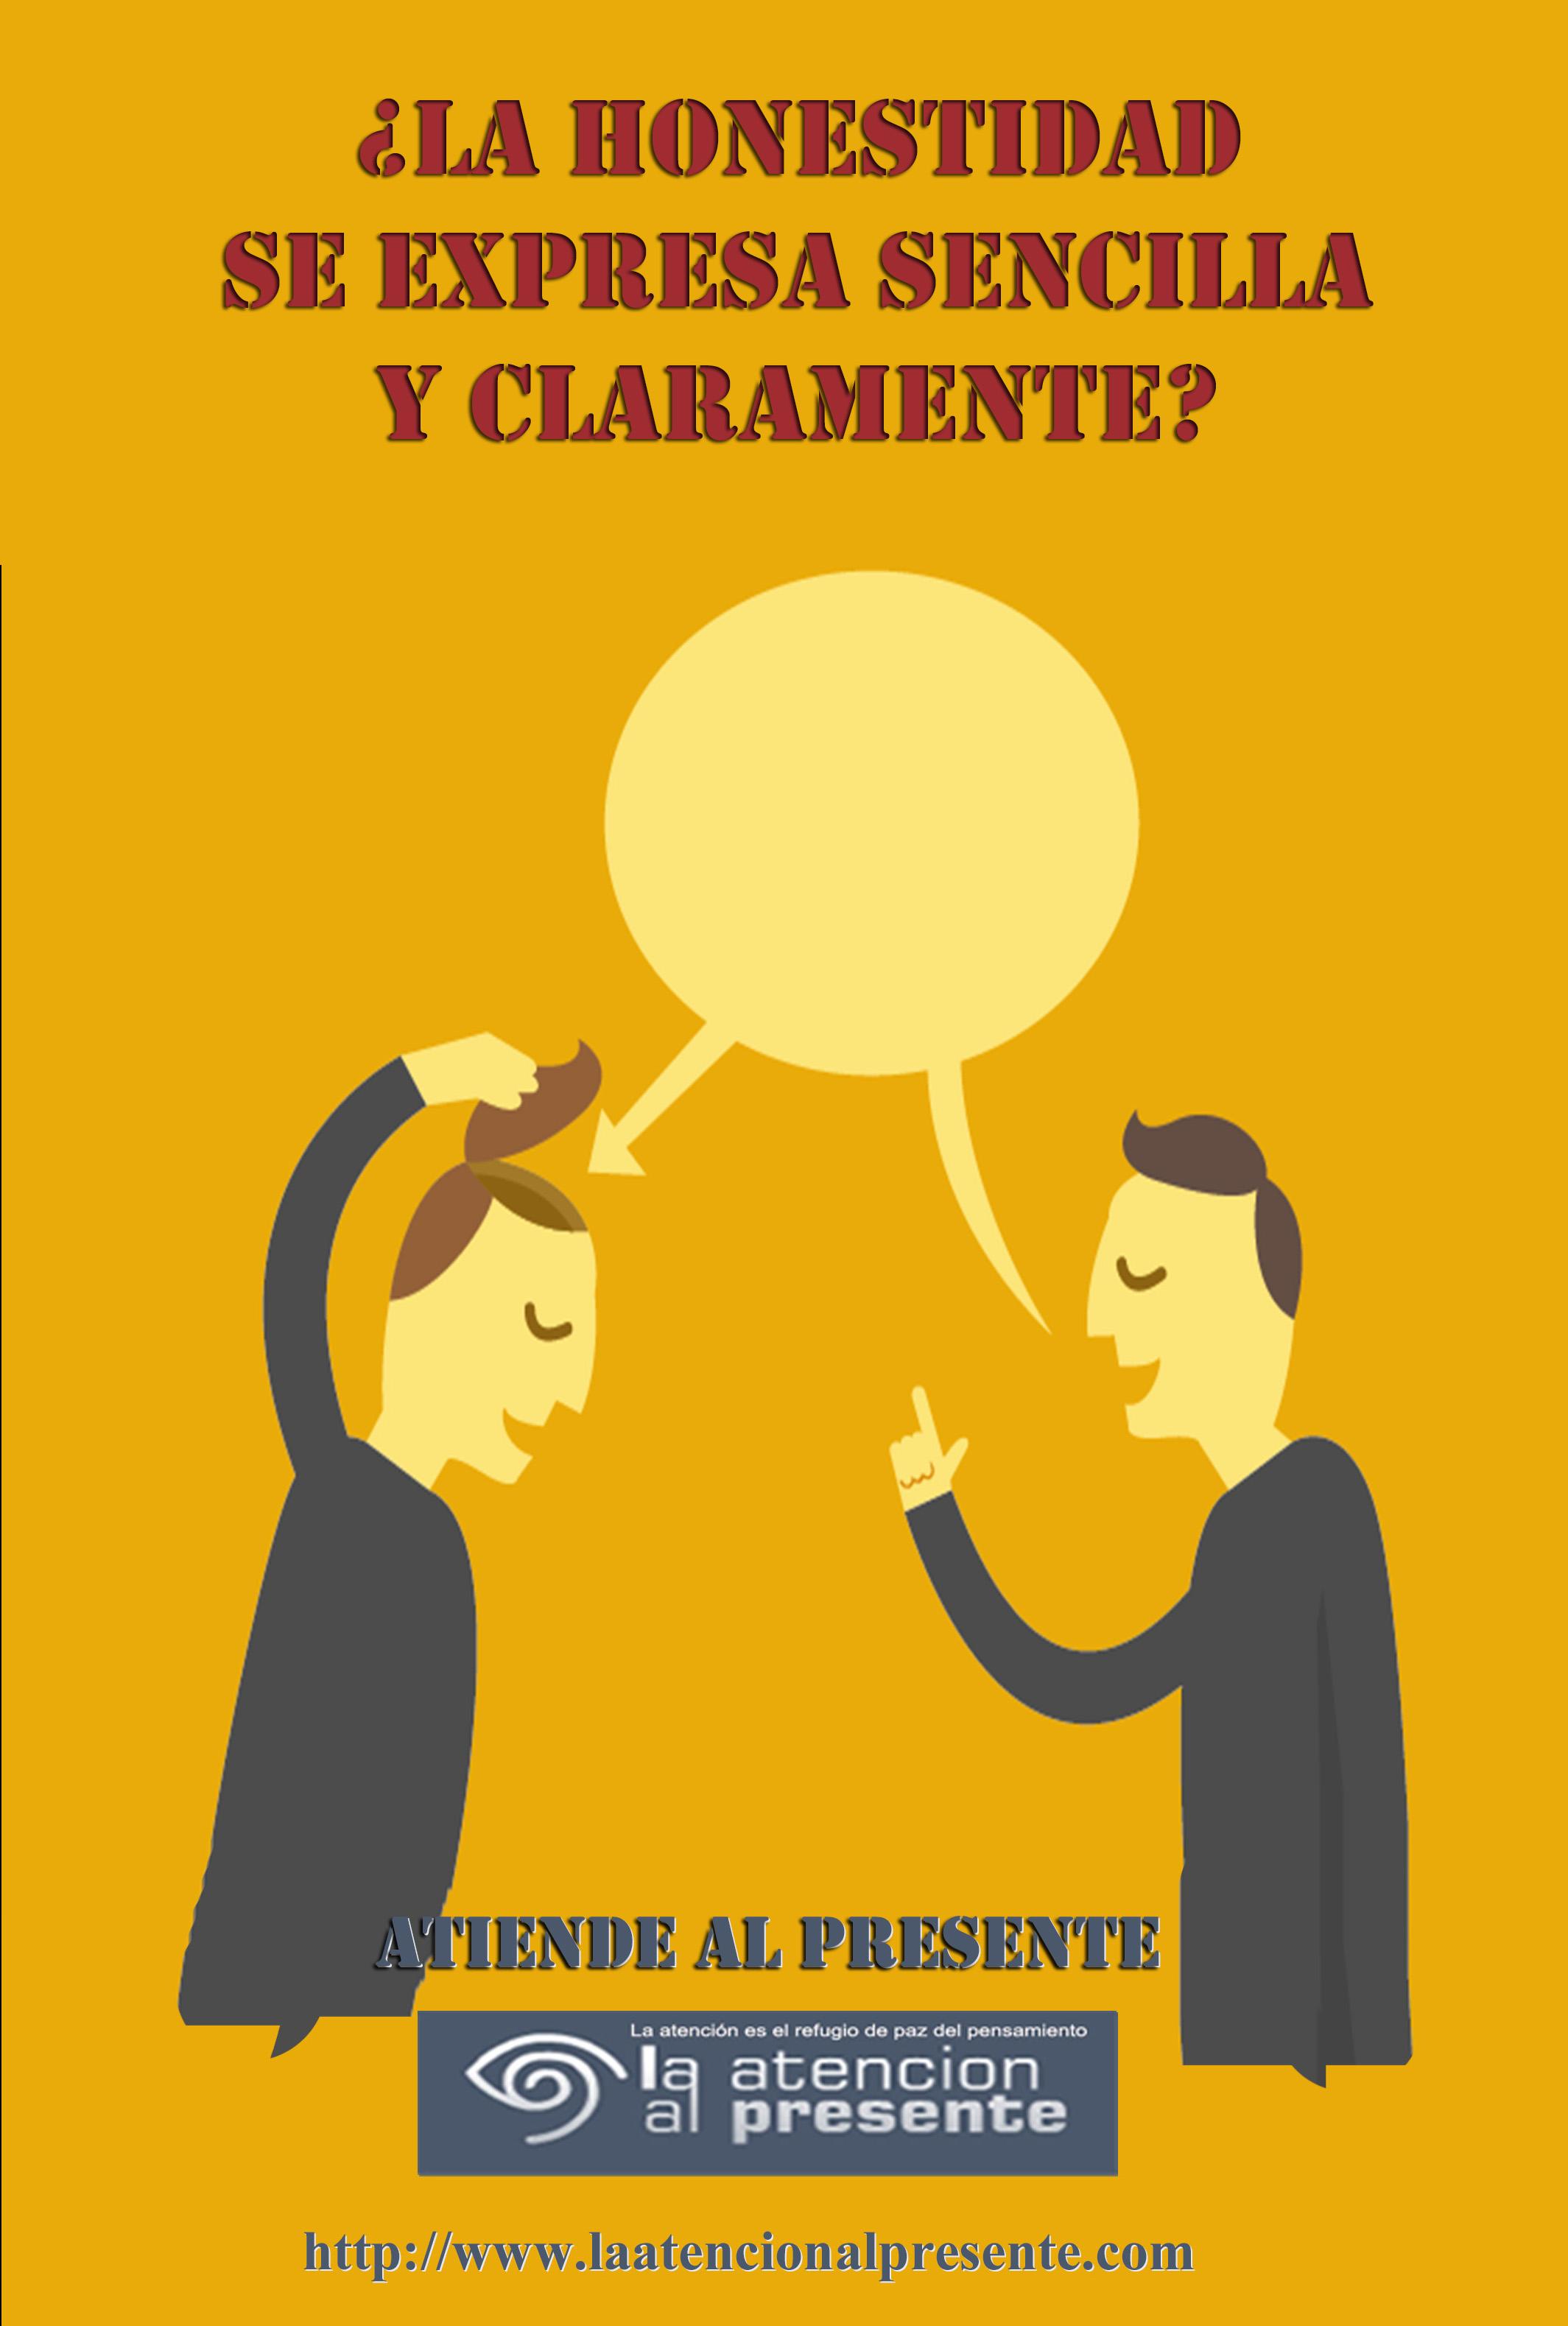 25 de febrero Isa La HONESTIDAD se expresa SECILLA Y CLARAMENTE